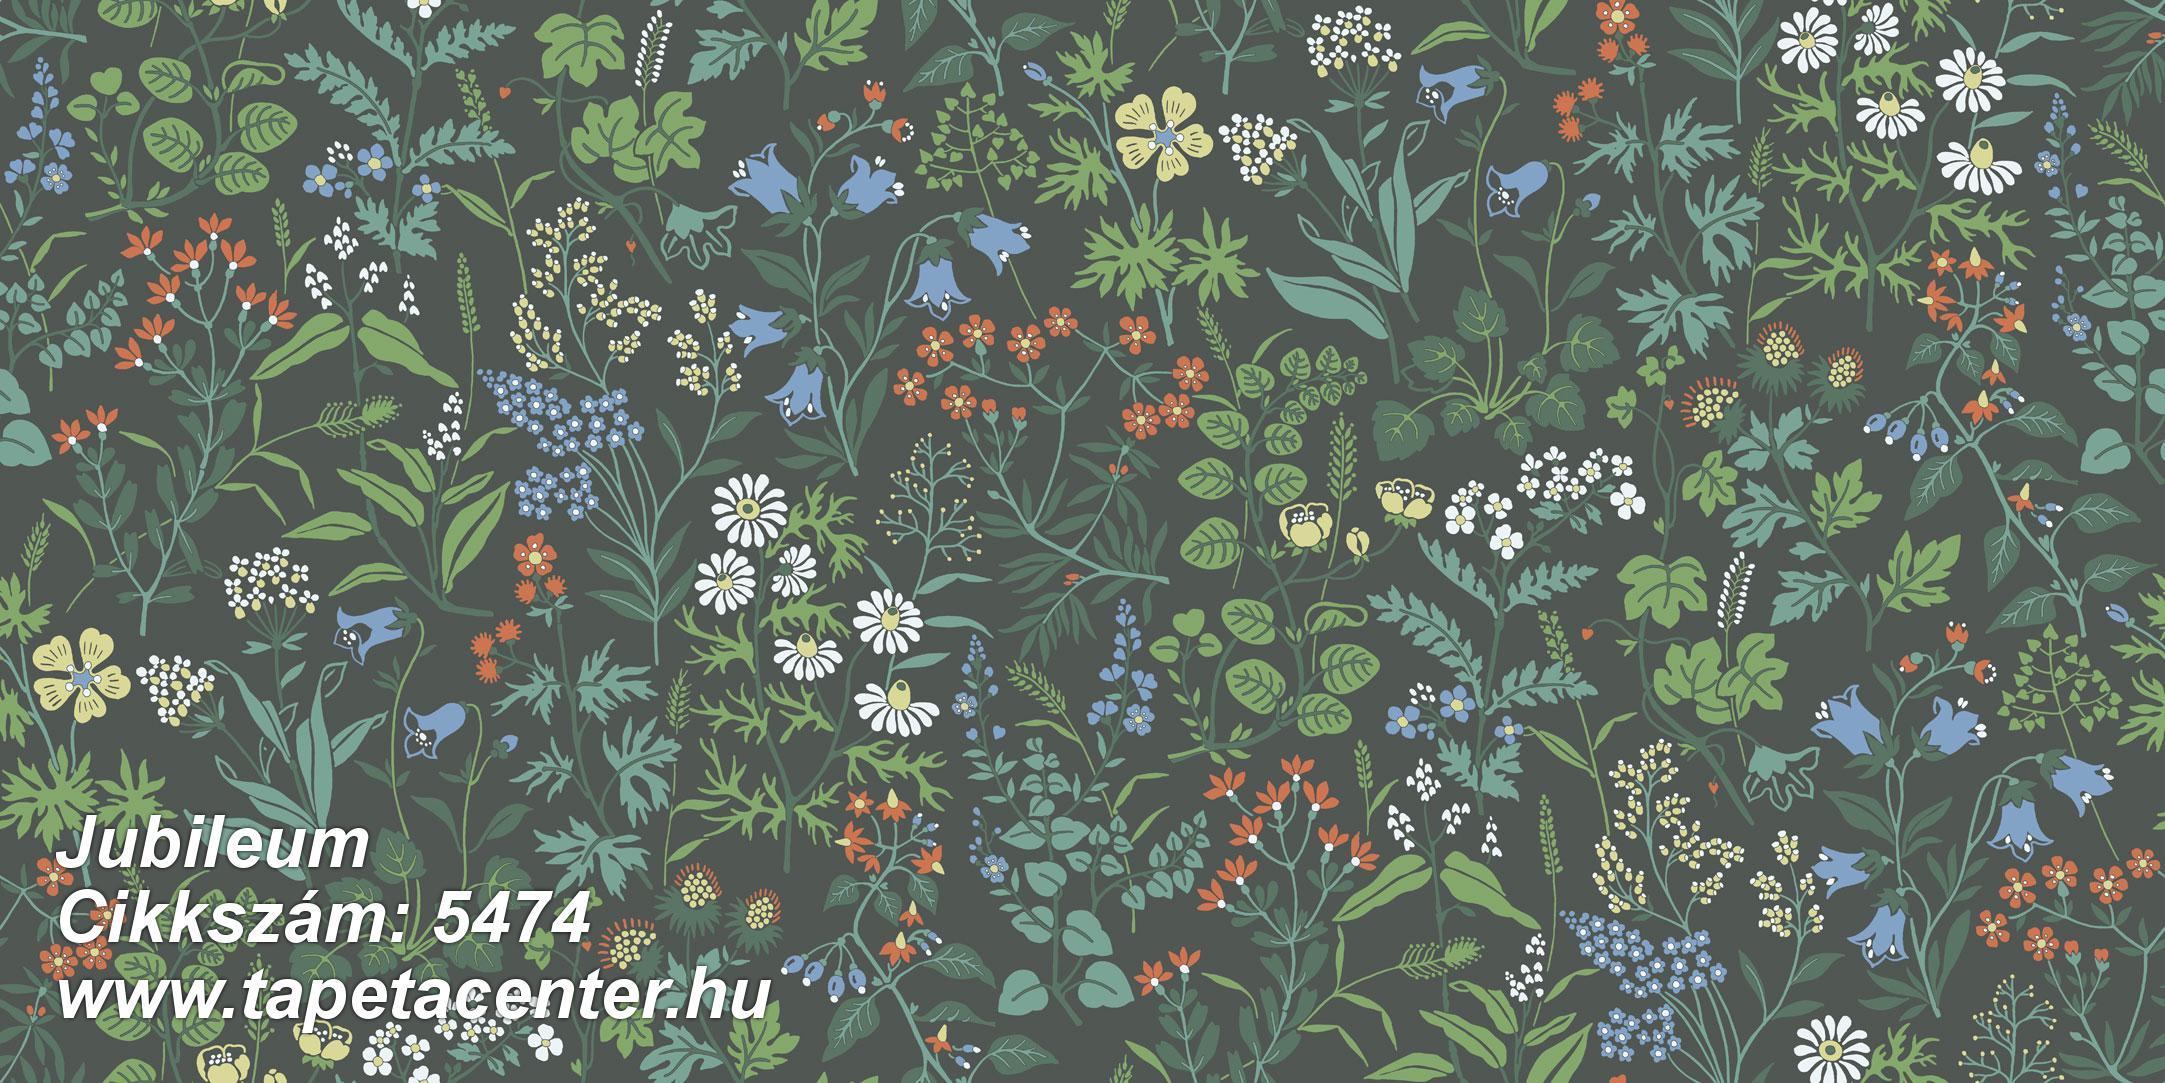 Rajzolt,retro,természeti mintás,virágmintás,fehér,fekete,kék,piros-bordó,sárga,zöld,gyengén mosható,vlies tapéta